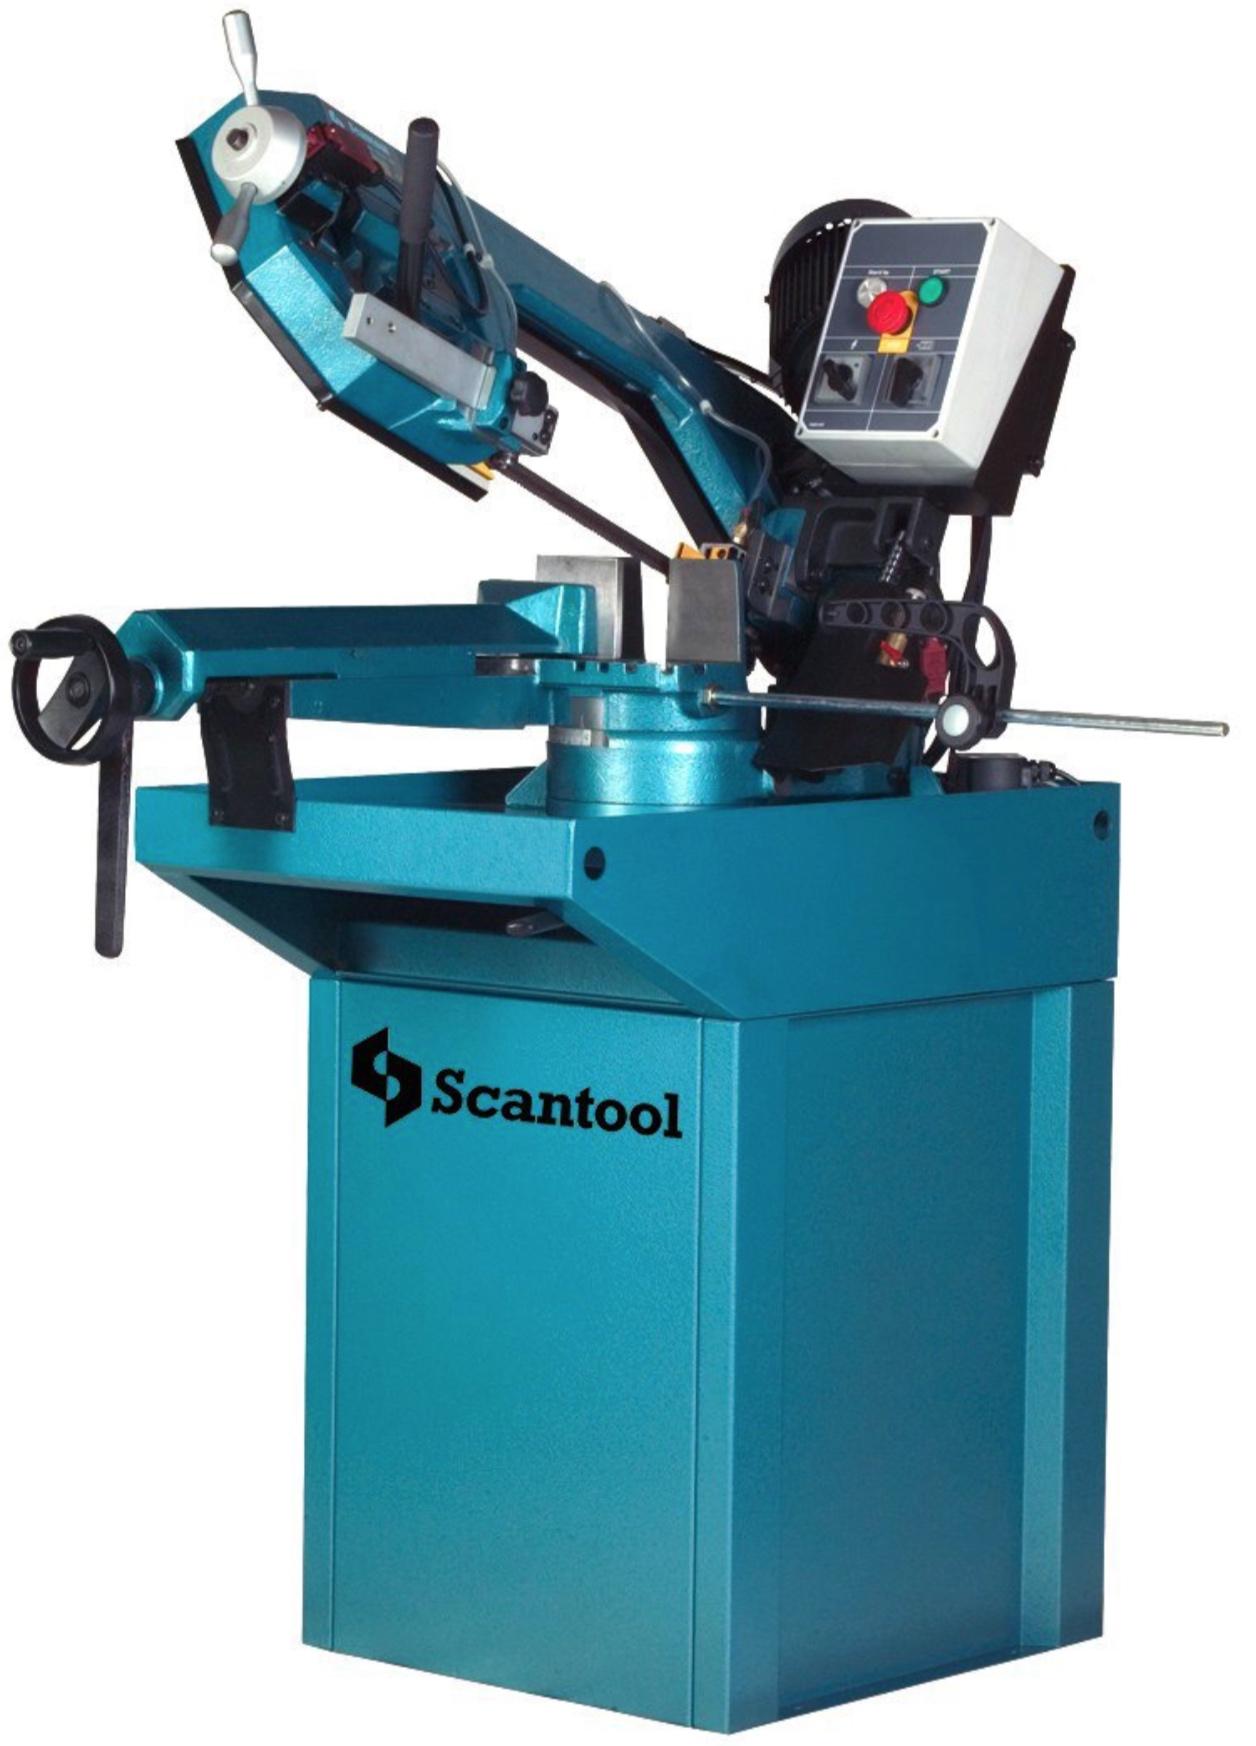 Przecinarka taśmowa do cięcia metalu pod kątami Scantool Model 220 GSHT